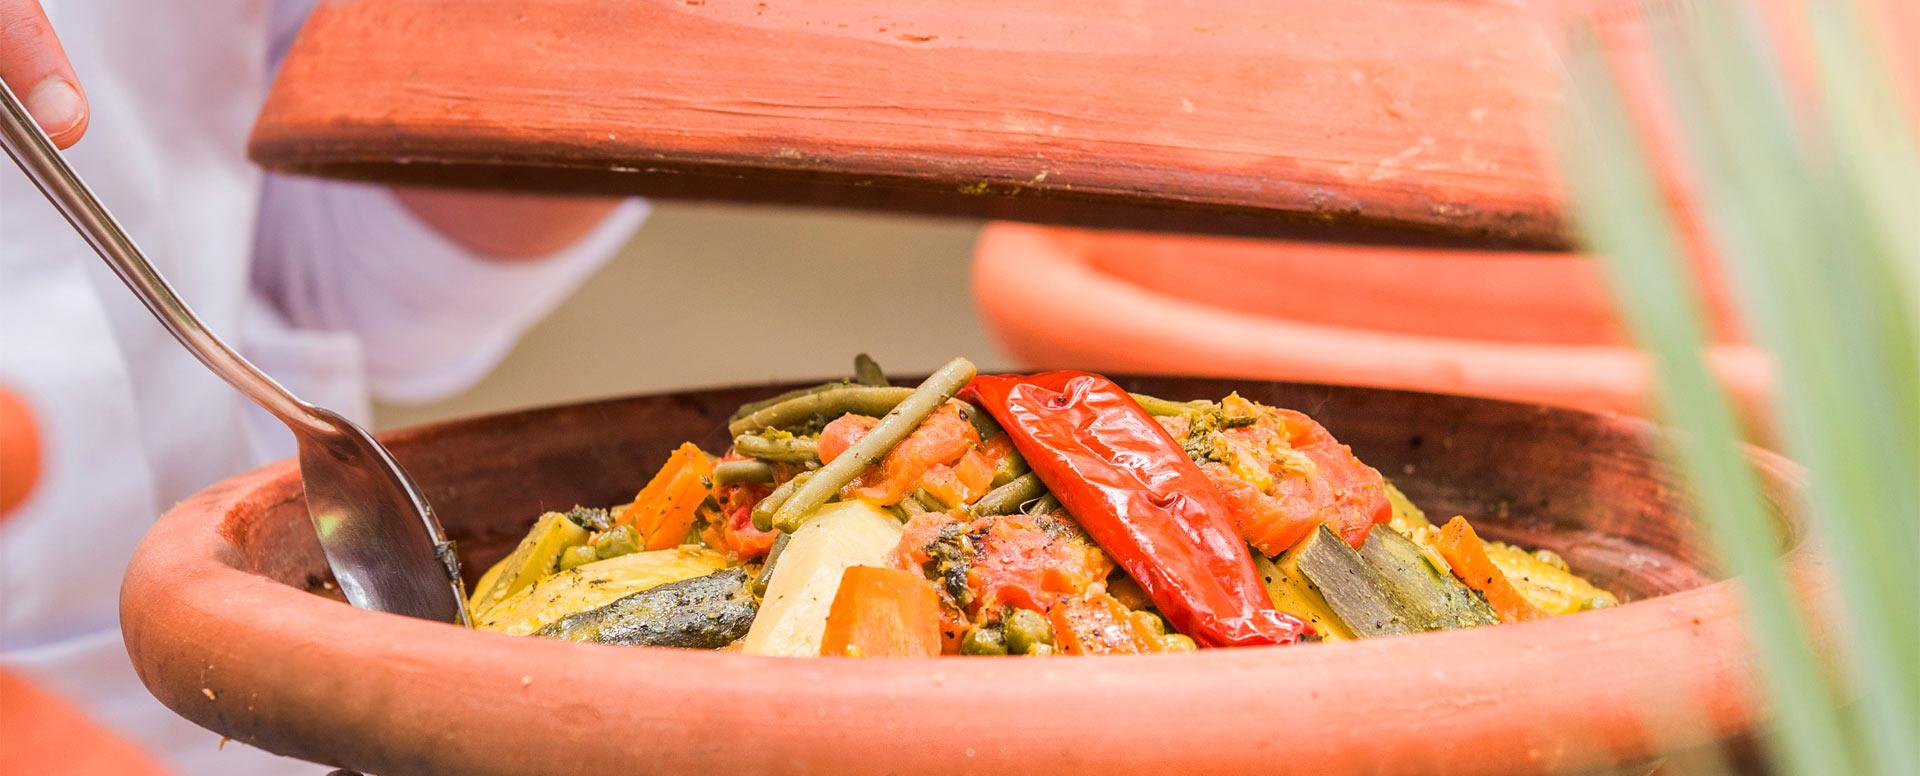 La gastronomie à Marrakech - Marrakech